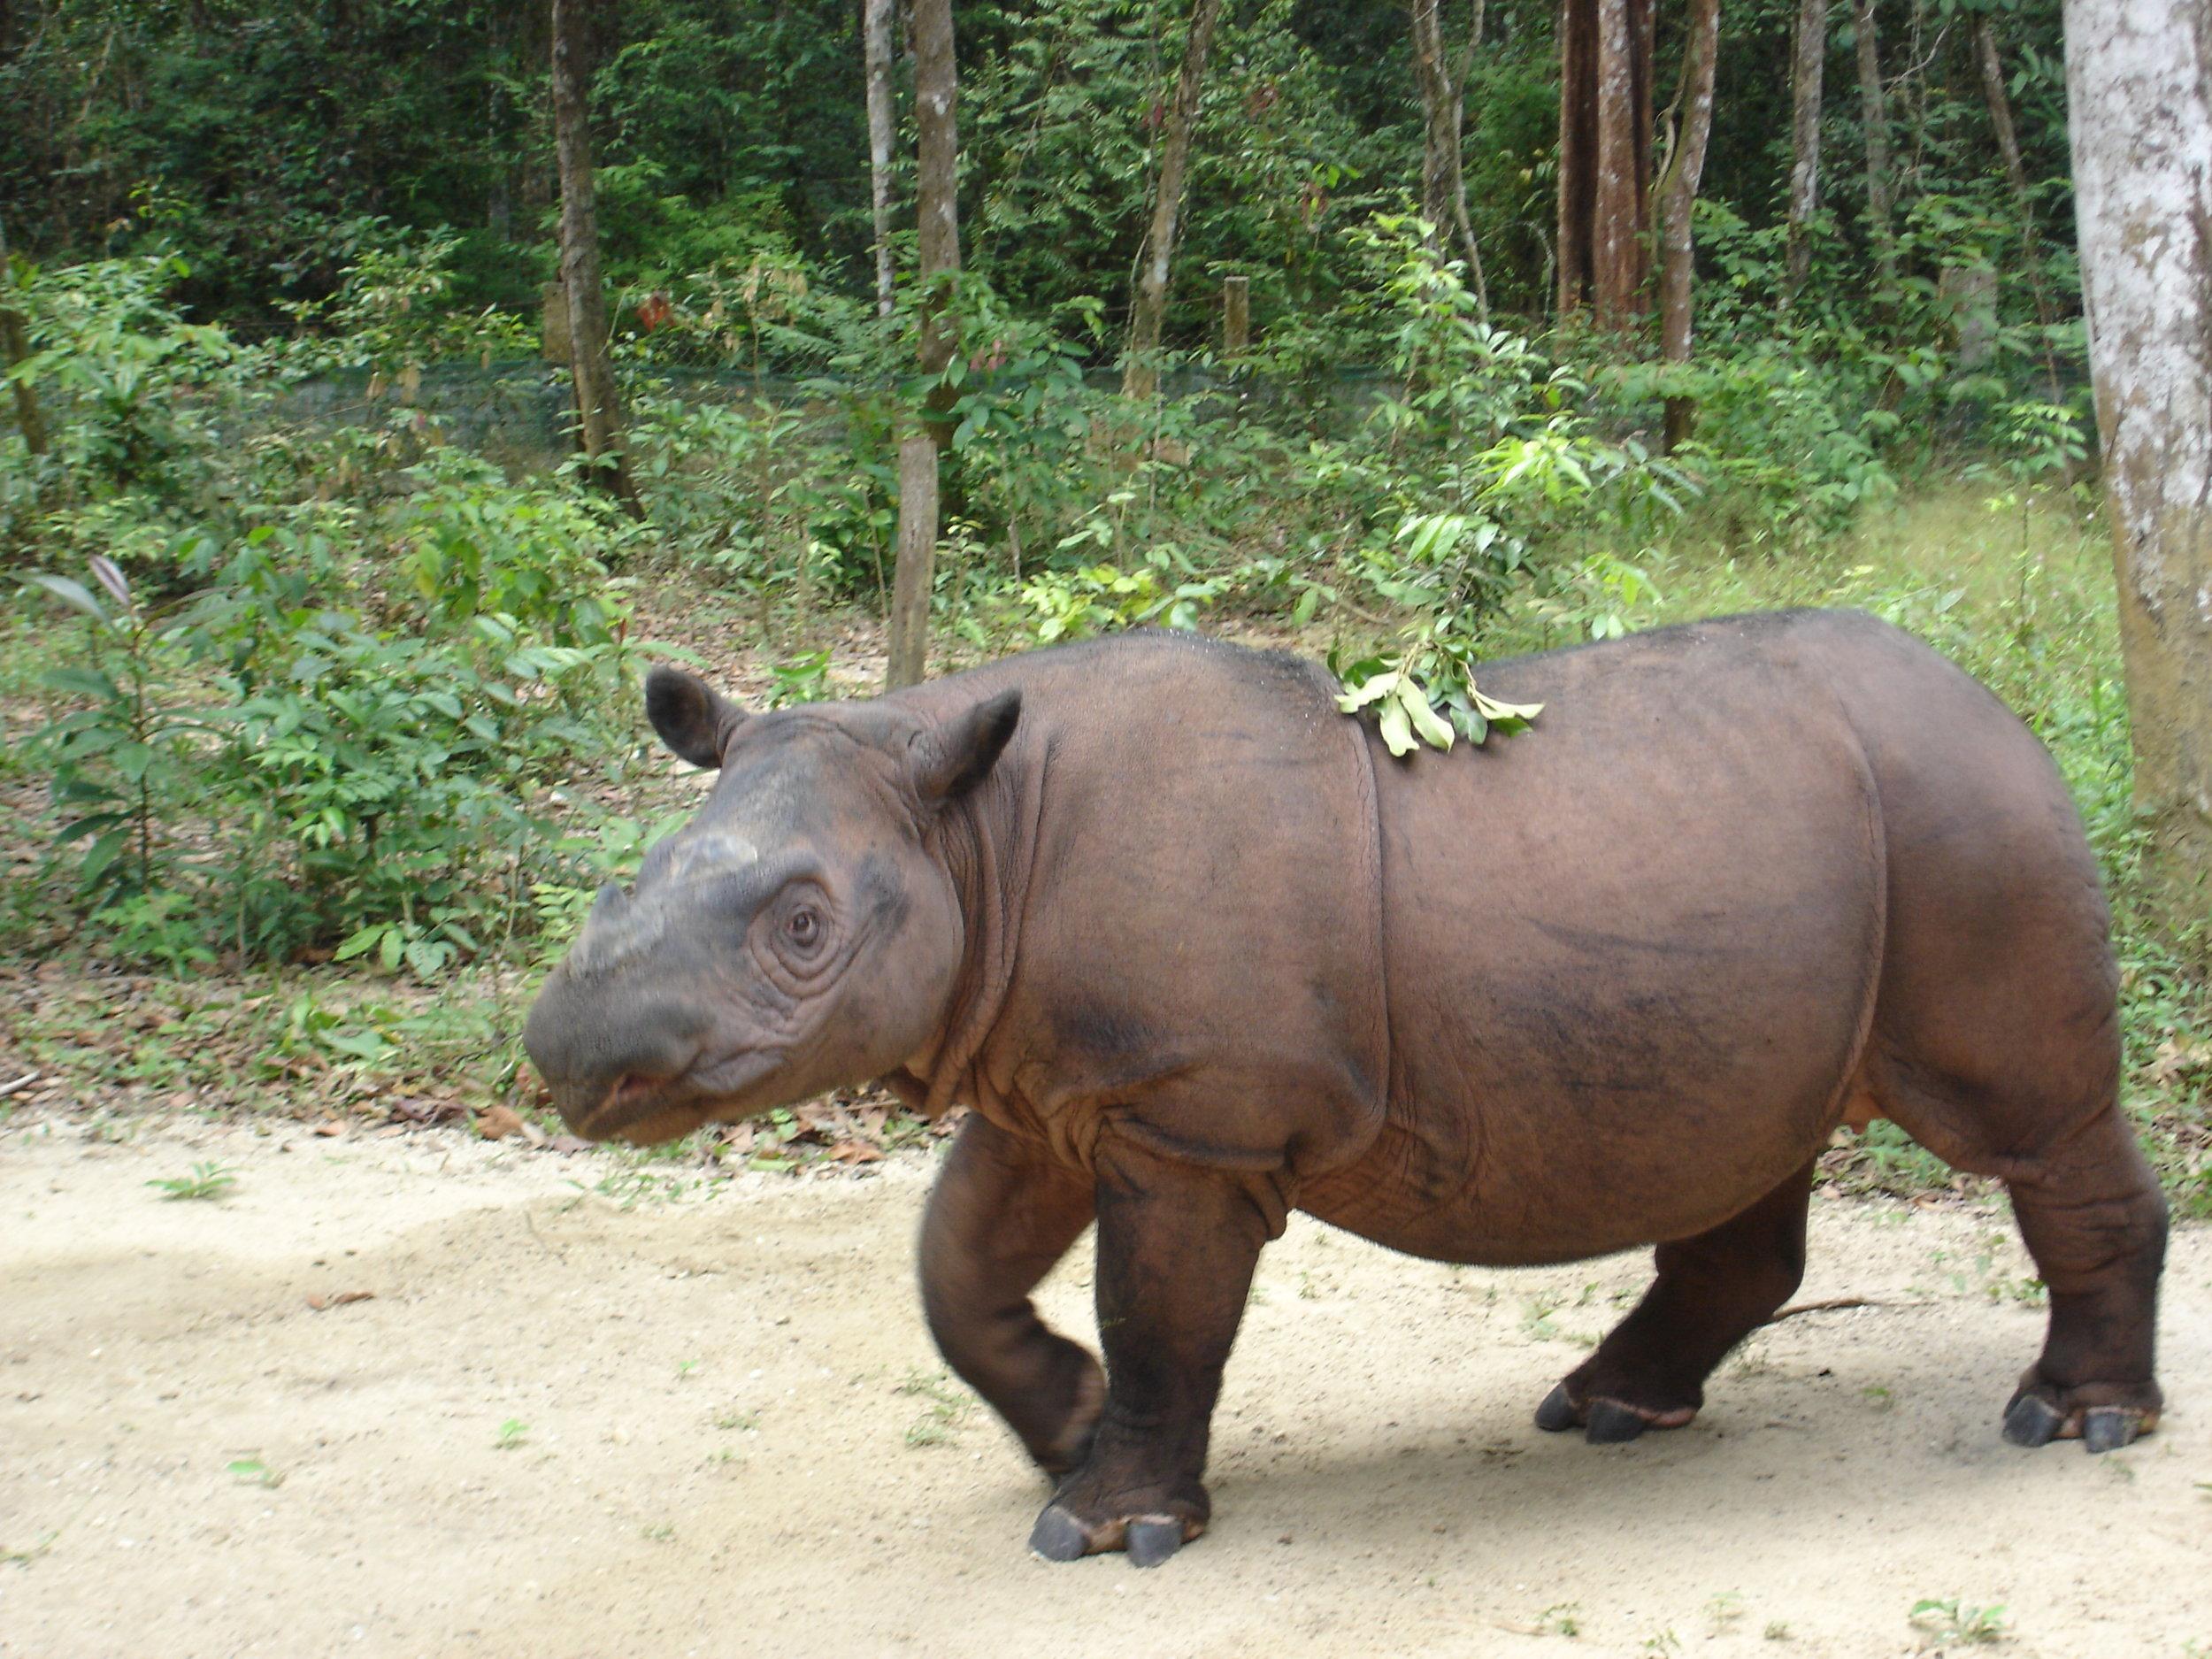 Sumatran_Rhinoceros_at_Sumatran_Rhino_Sanctuary_Lampung_Indonesia_2013.jpg